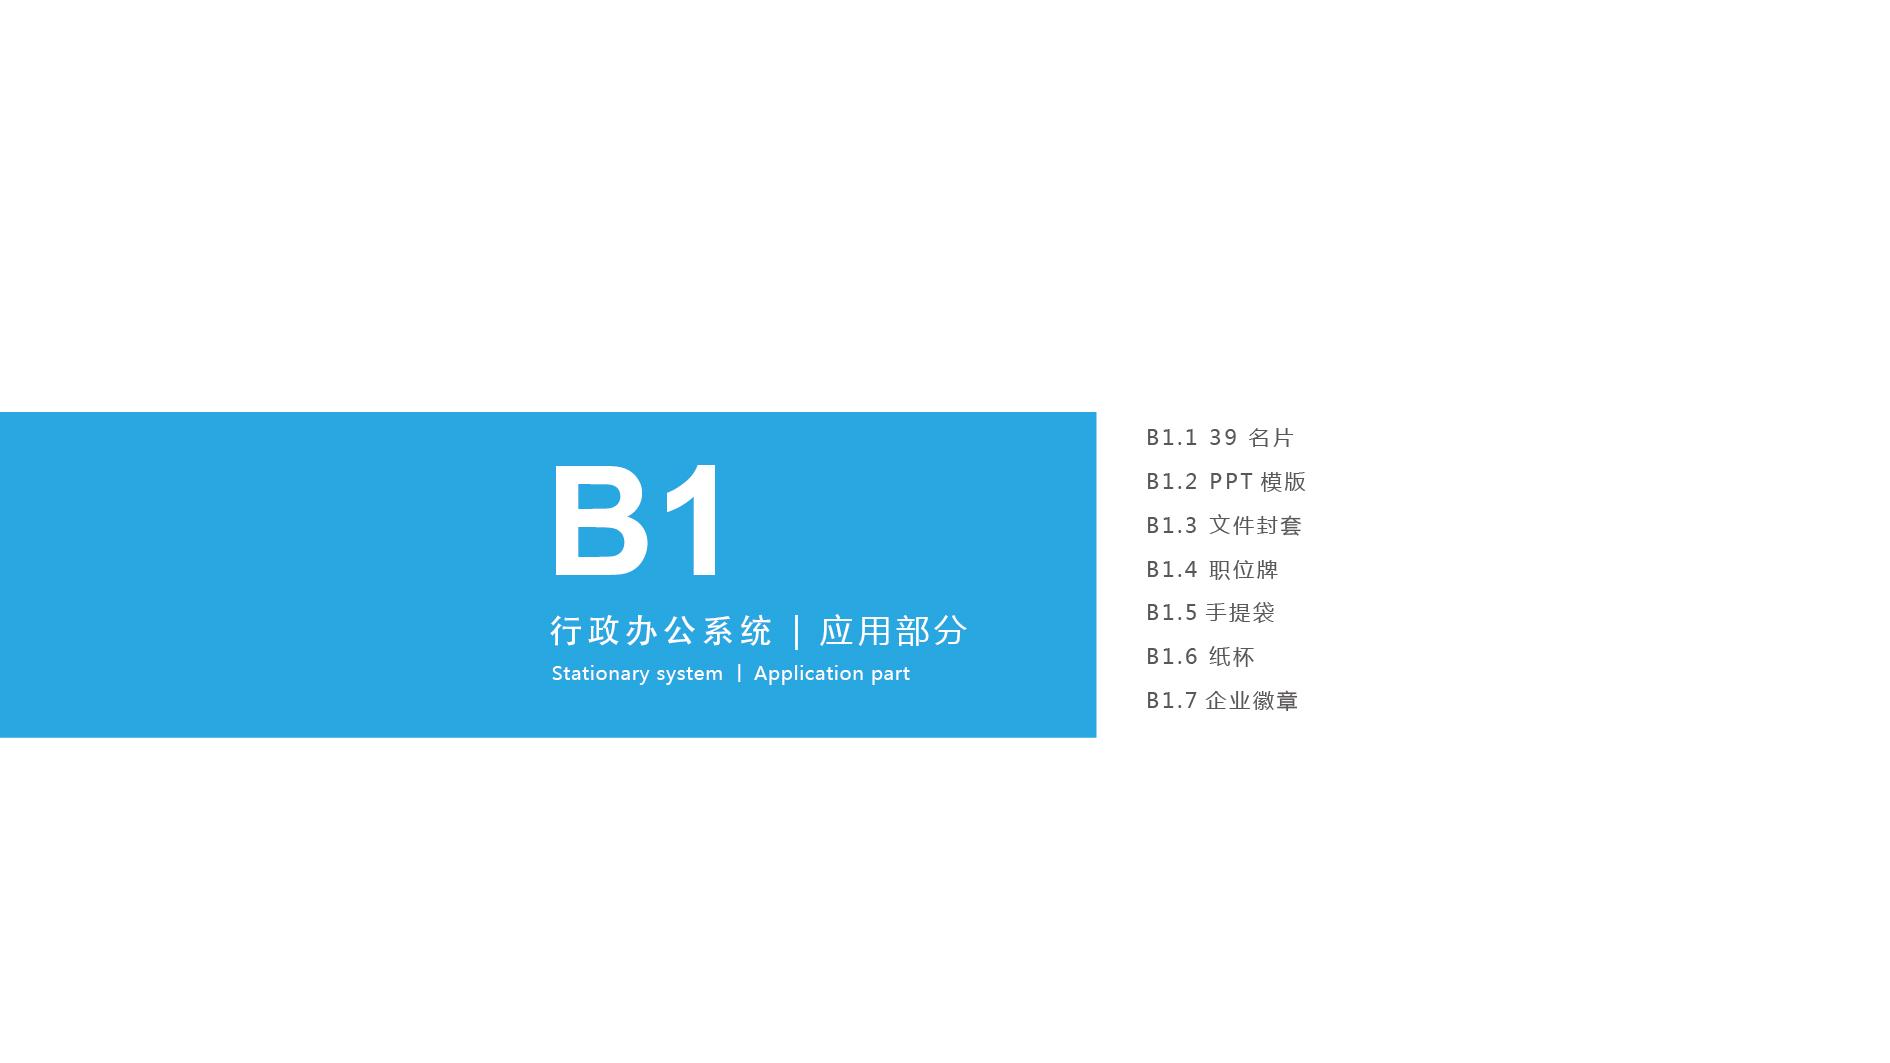 哈尔滨马迭尔集团股份有限公司VI设计